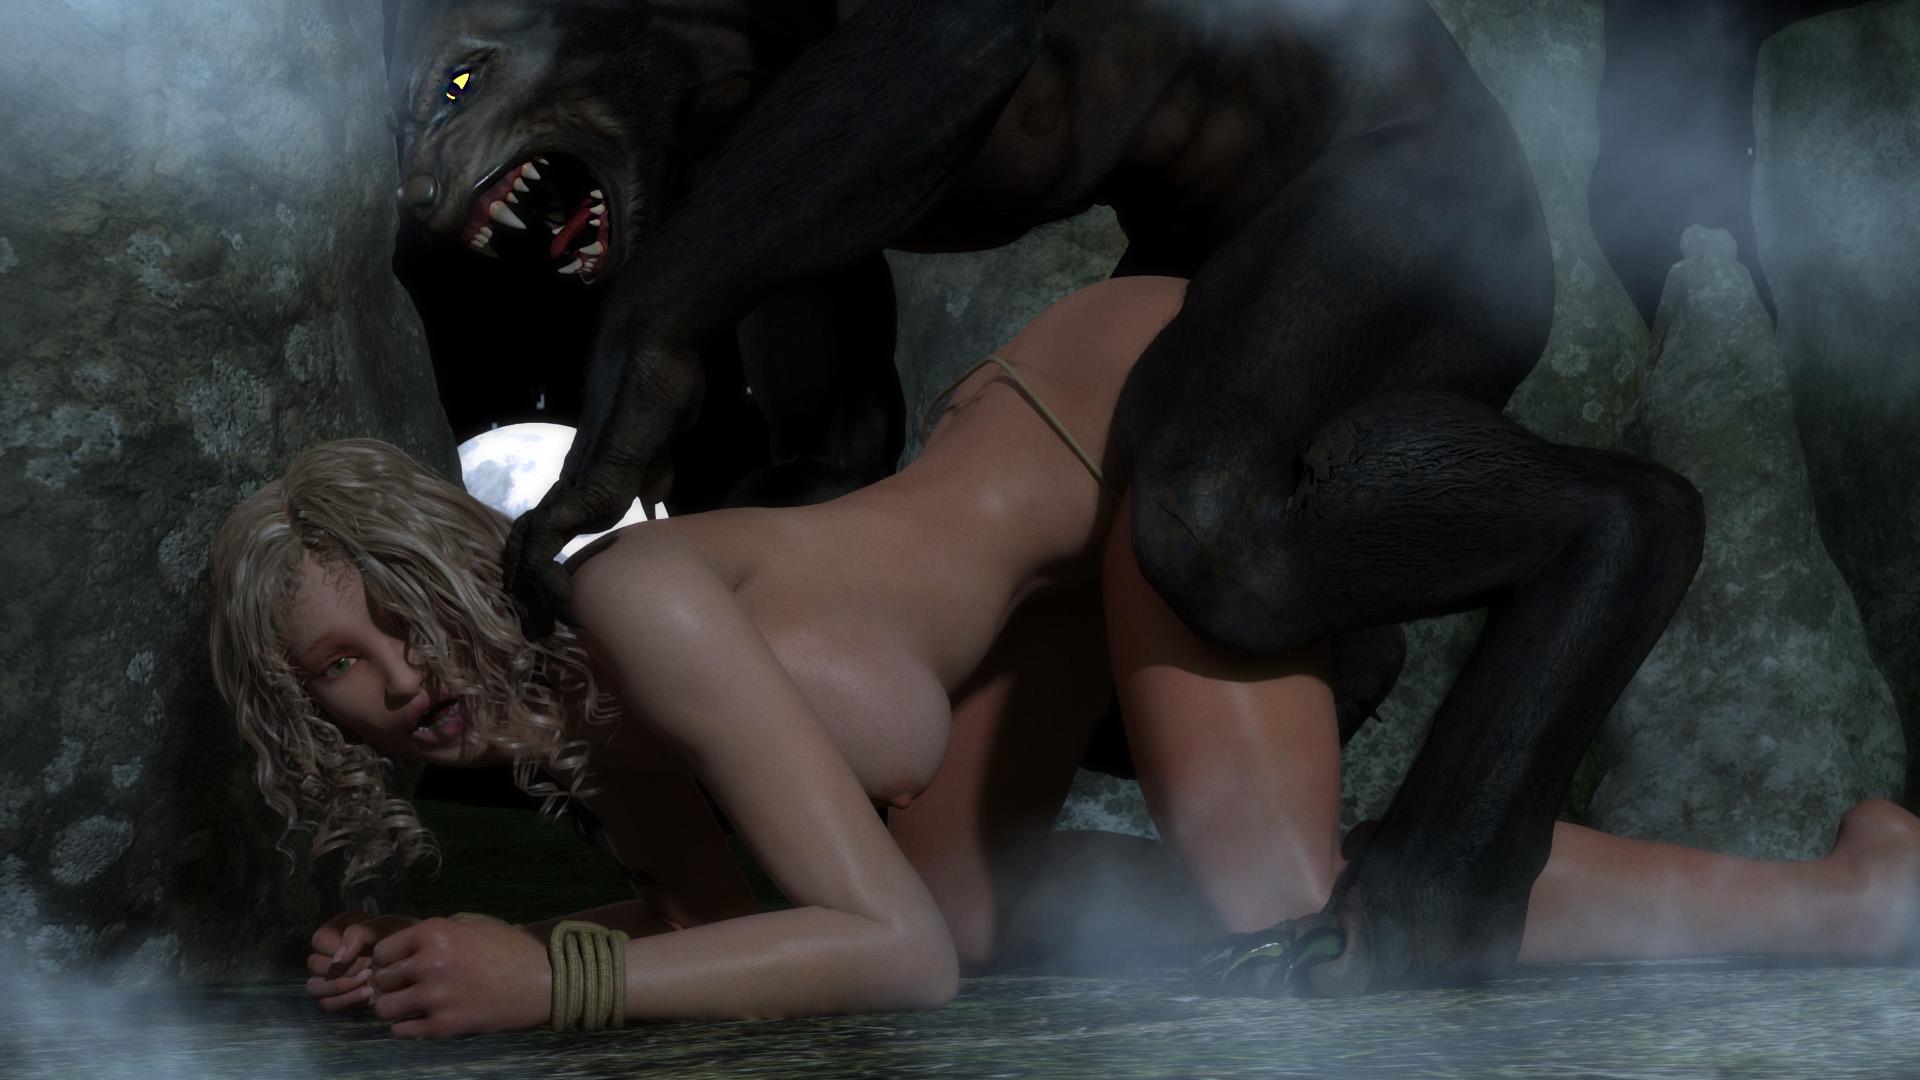 Монстры трахают девушку смотреть